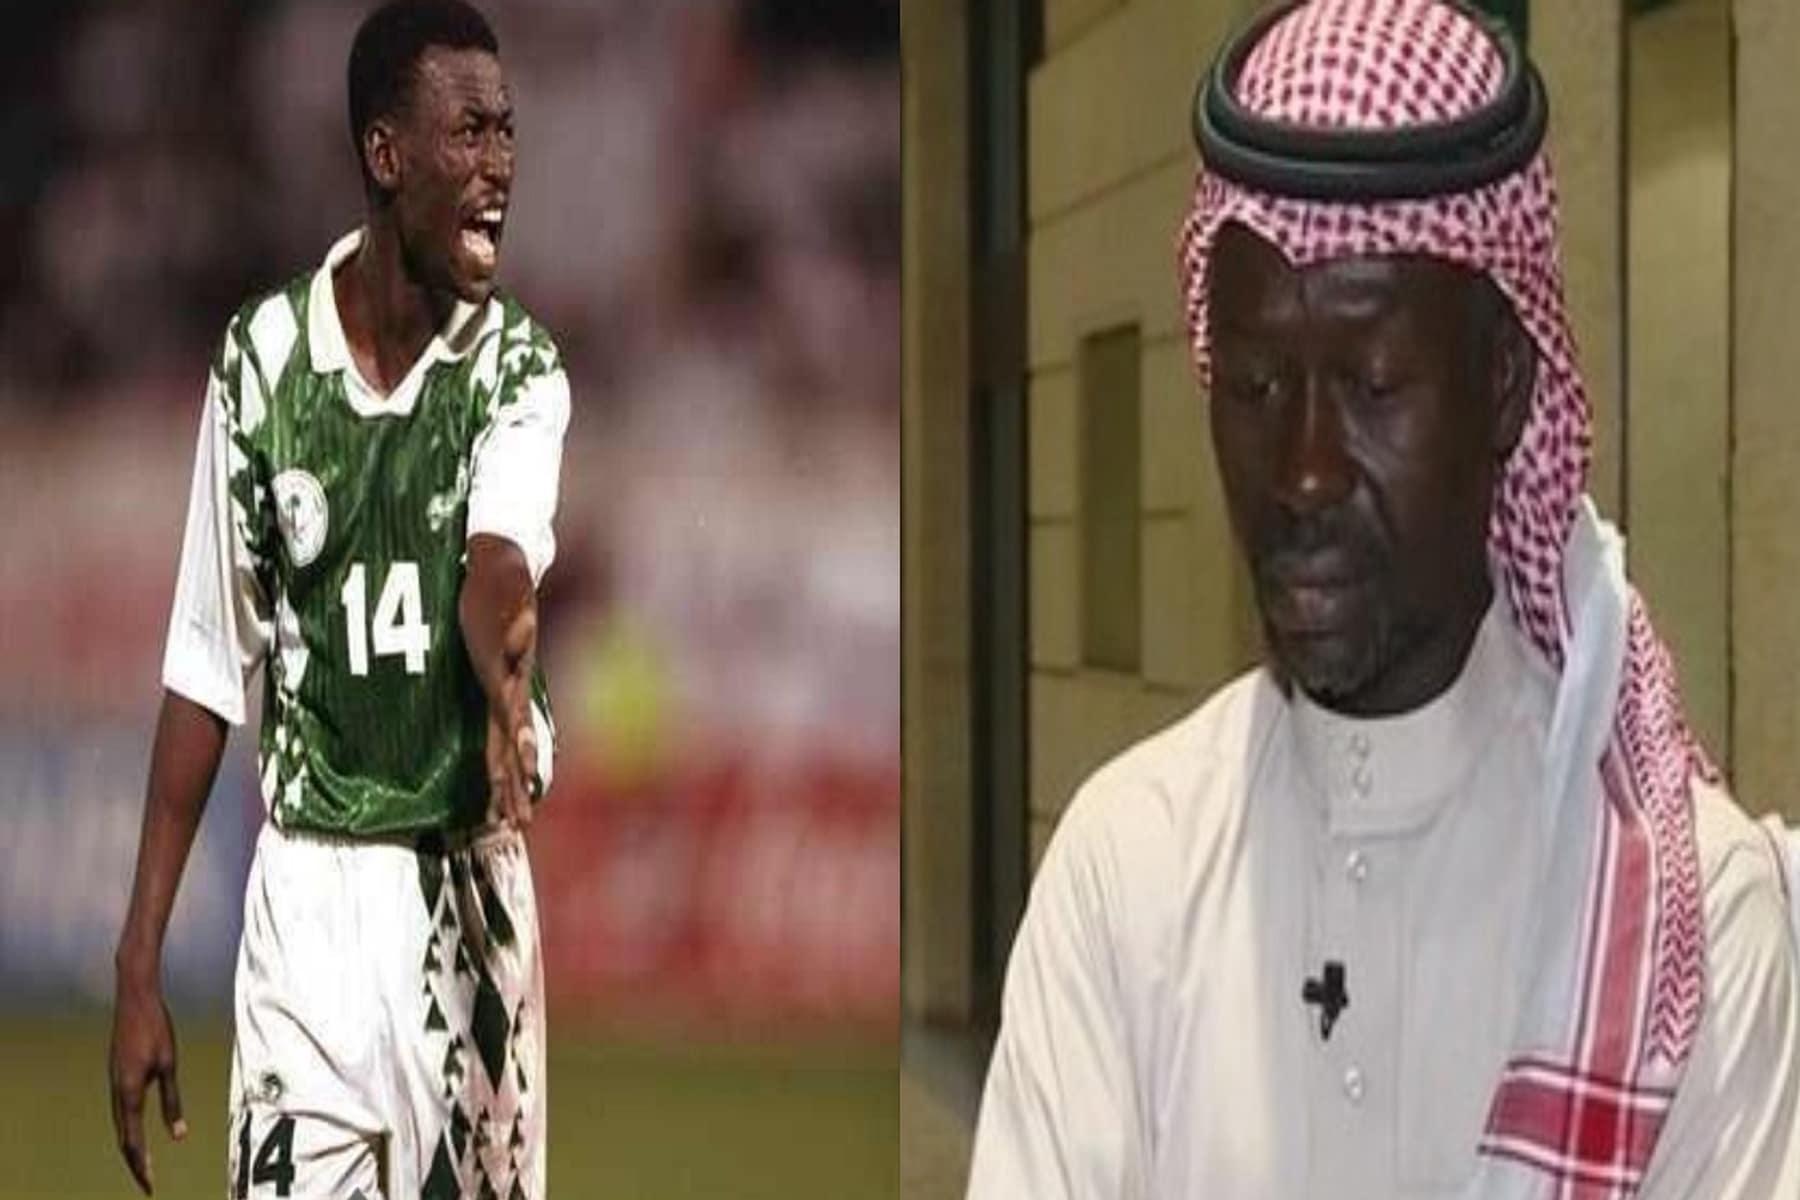 النجم السعودي خالد مسعد والضجة عبر السويشال ميديا